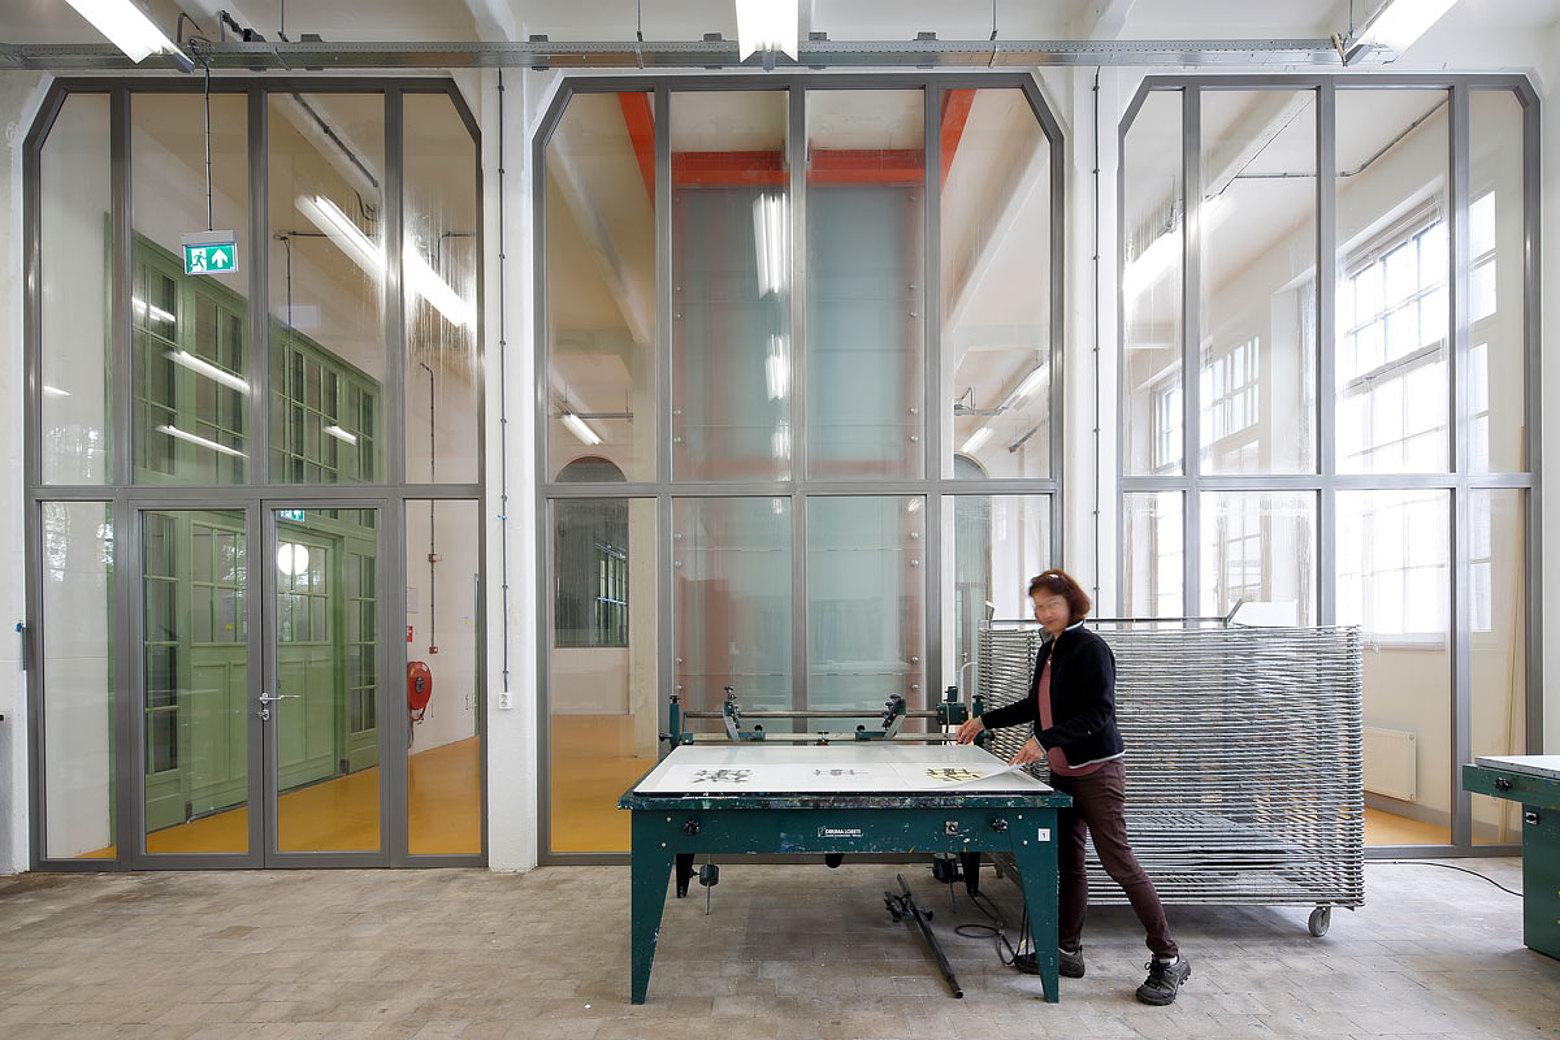 Brandschutztüren und Verglasungen EW60 in Stahl, forster presto. Willem 2 fabriek, NL-Hertogenbosch Brandschutztüren, Verglasungen, EW60, Stahl, forster presto,